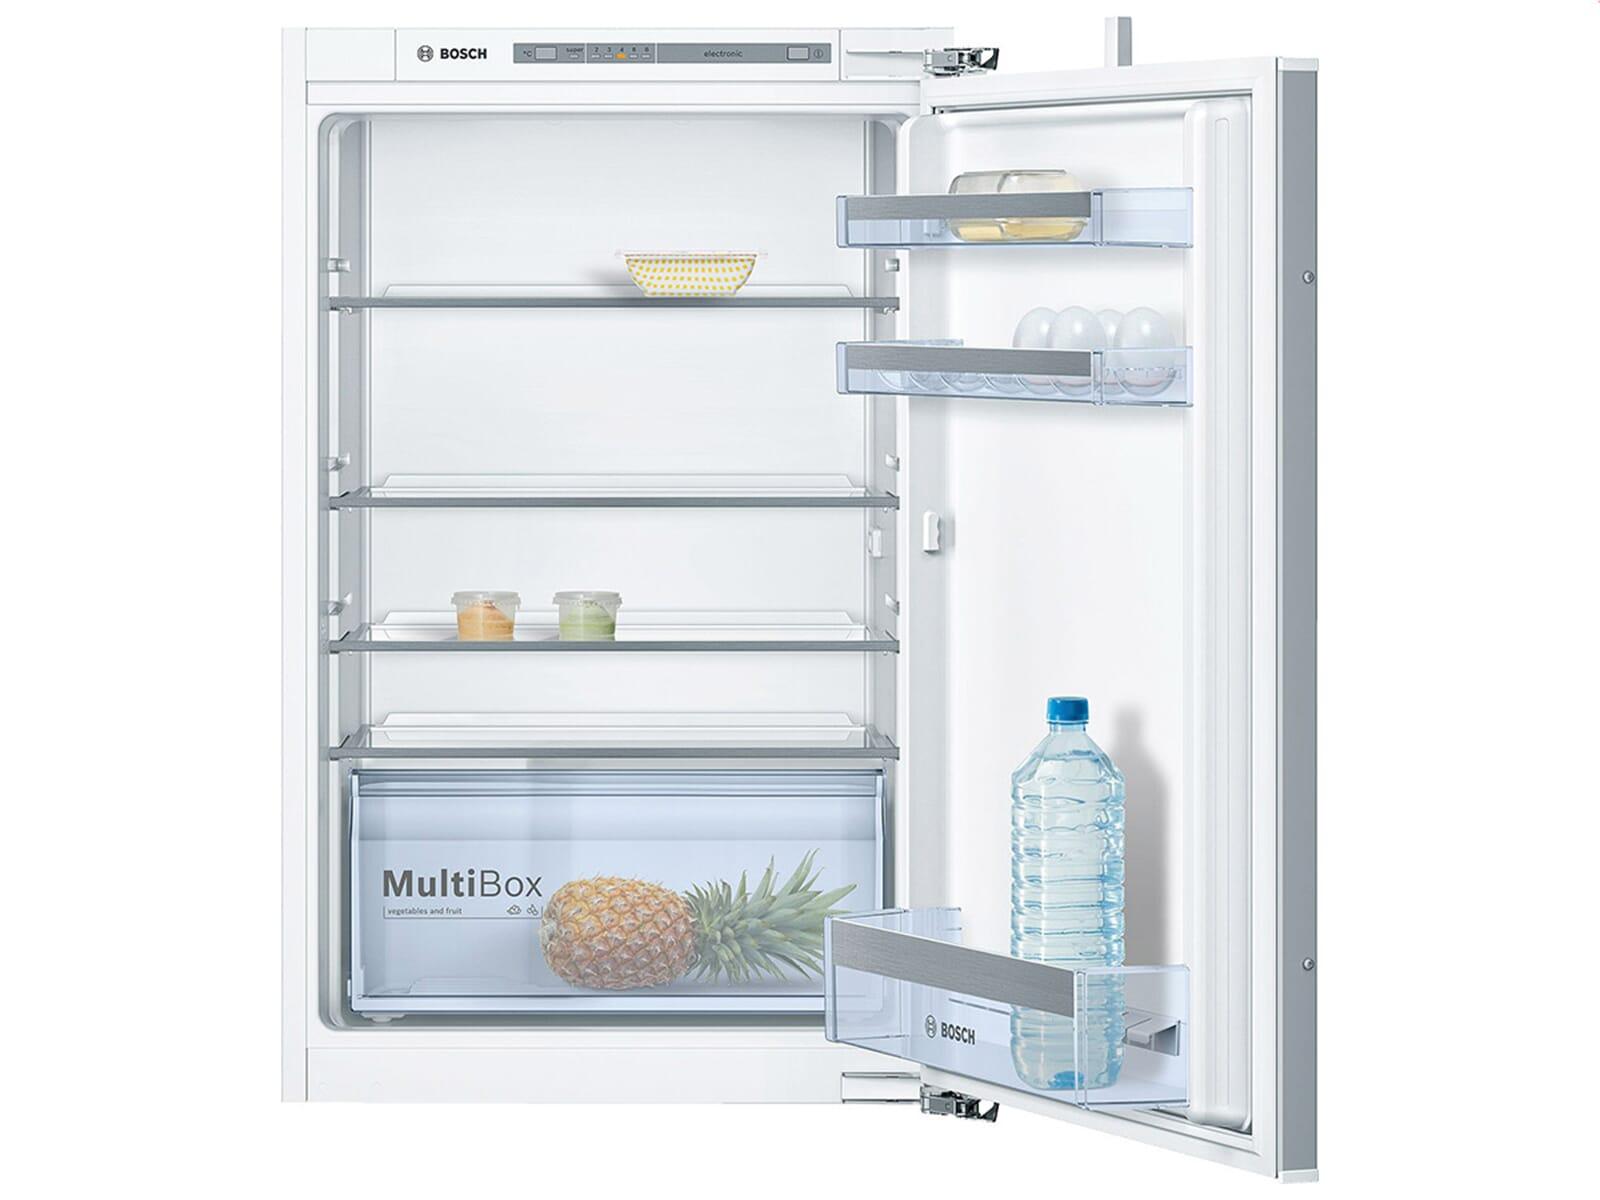 Bosch Kühlschrank Einbau Mit Festtürmontage : Bosch kir vf einbaukühlschrank